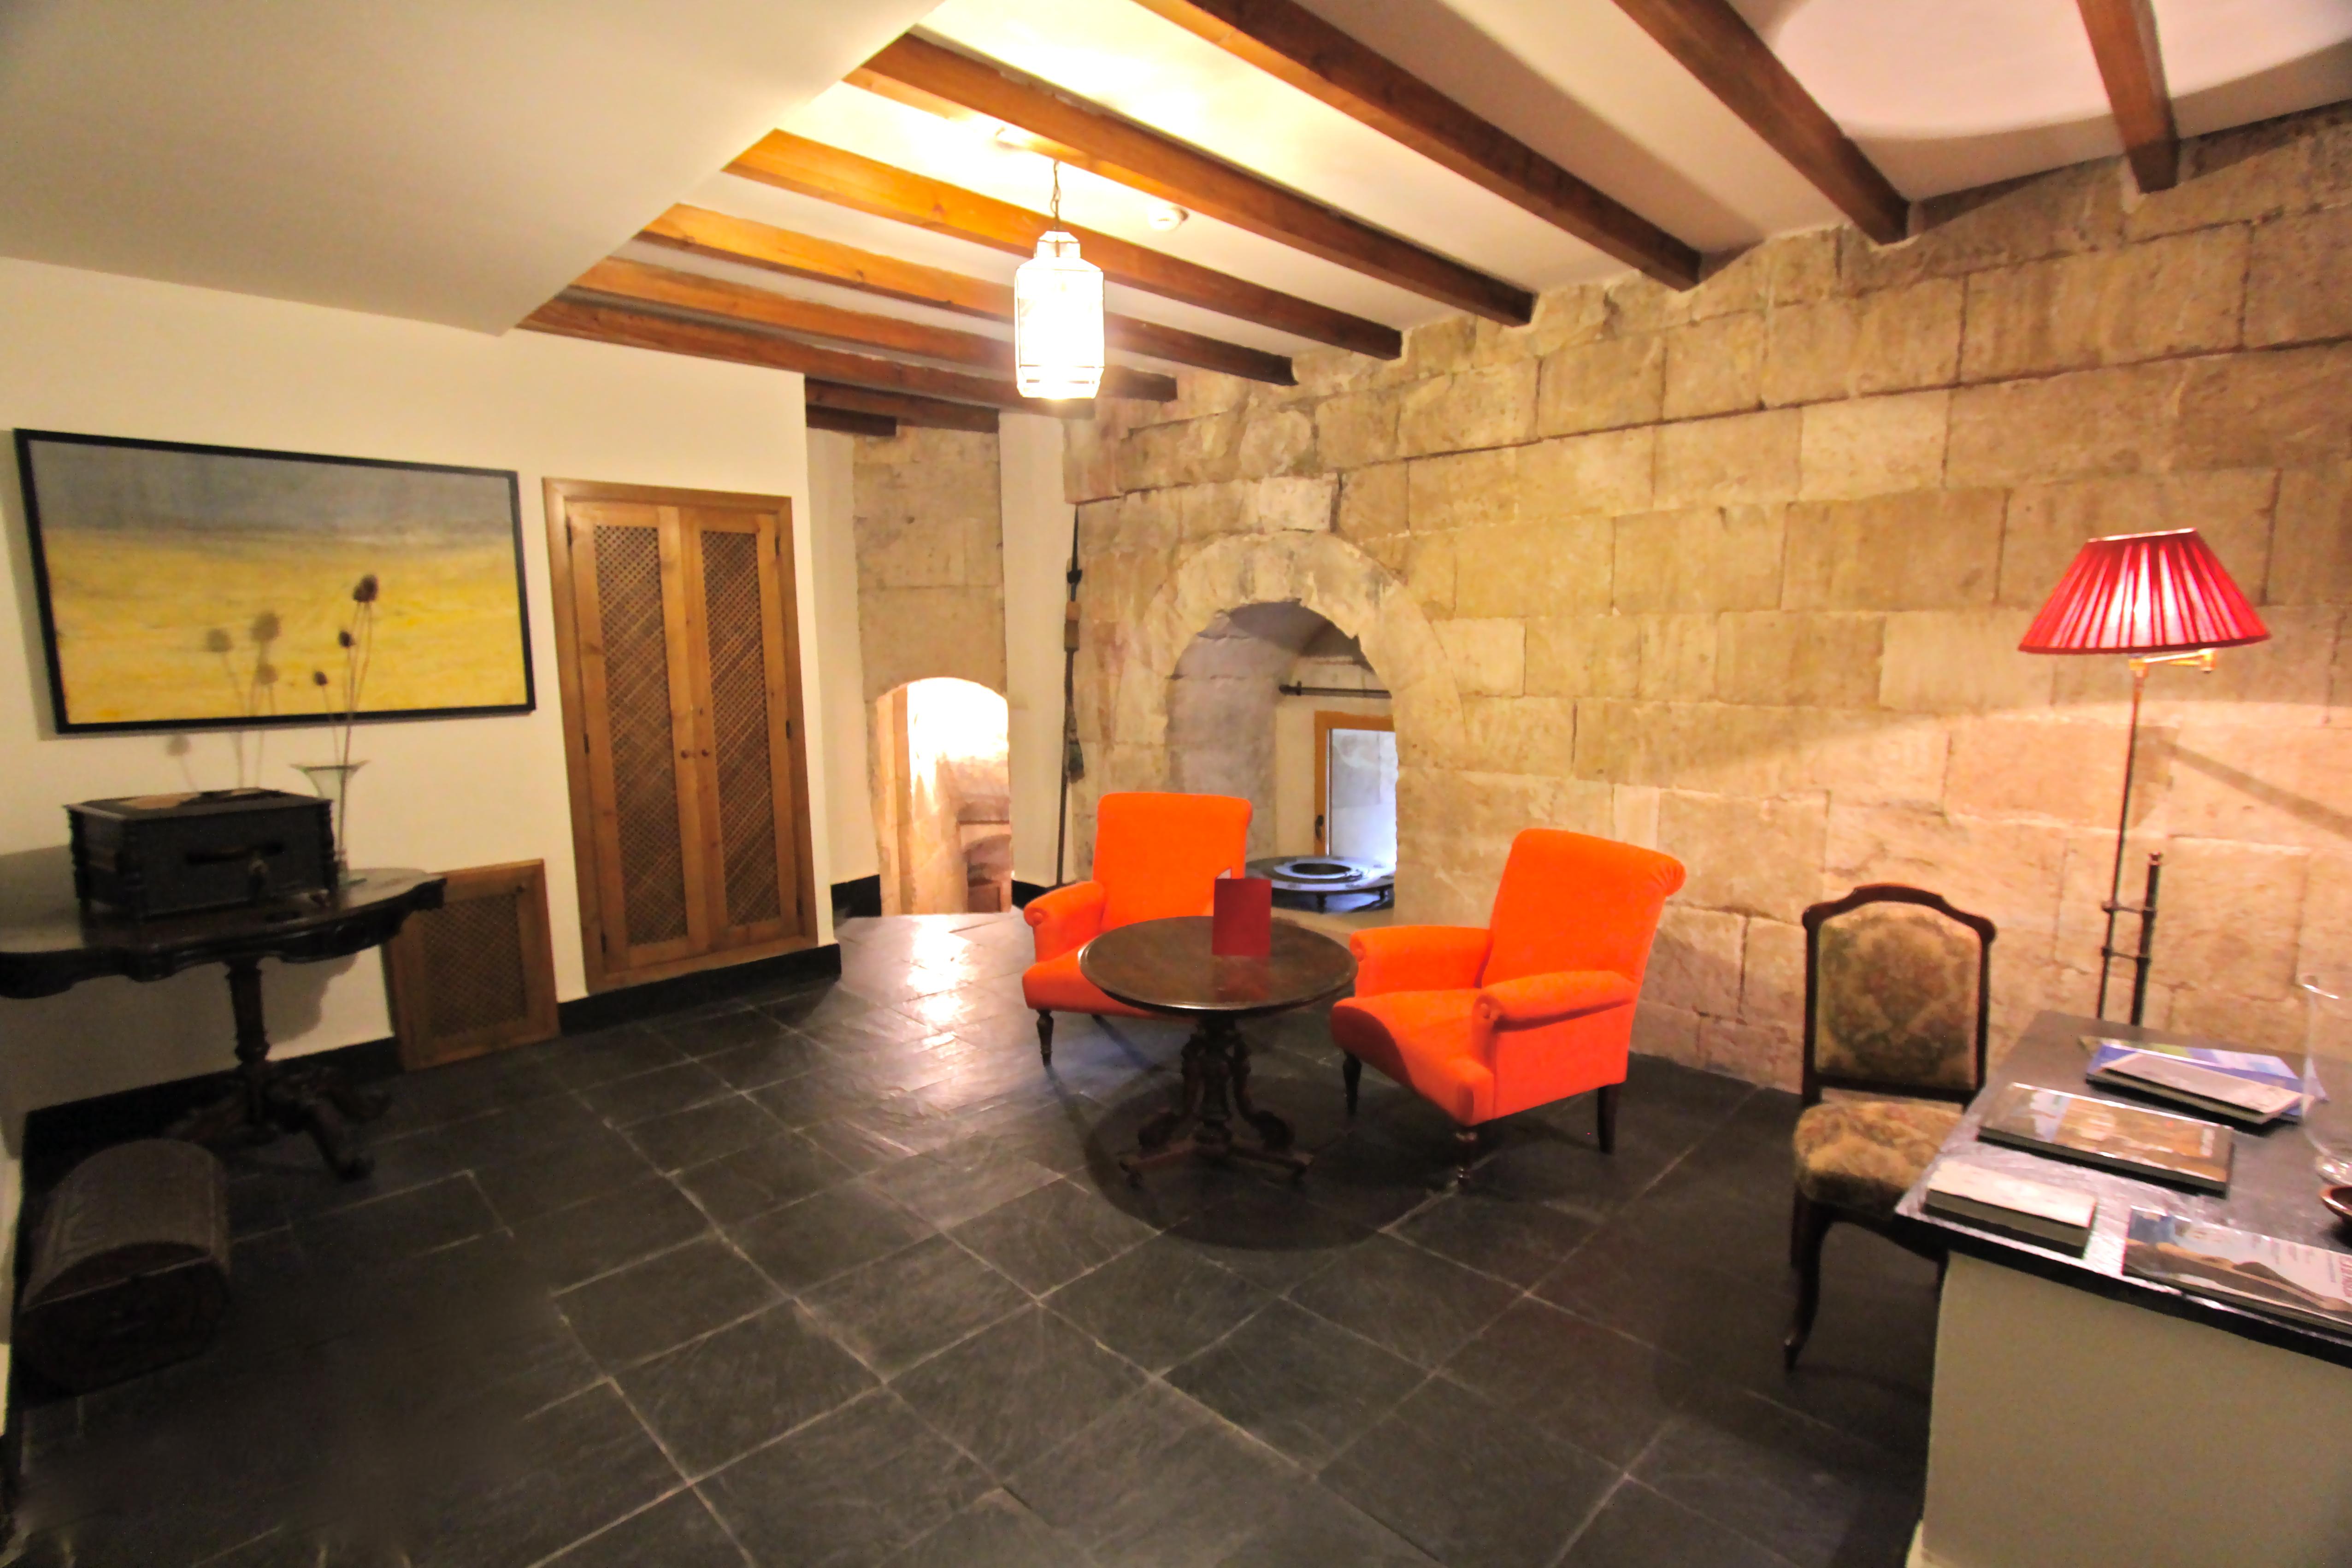 Habitaciones nicas y especiales el paso de guardia for Habitaciones especiales